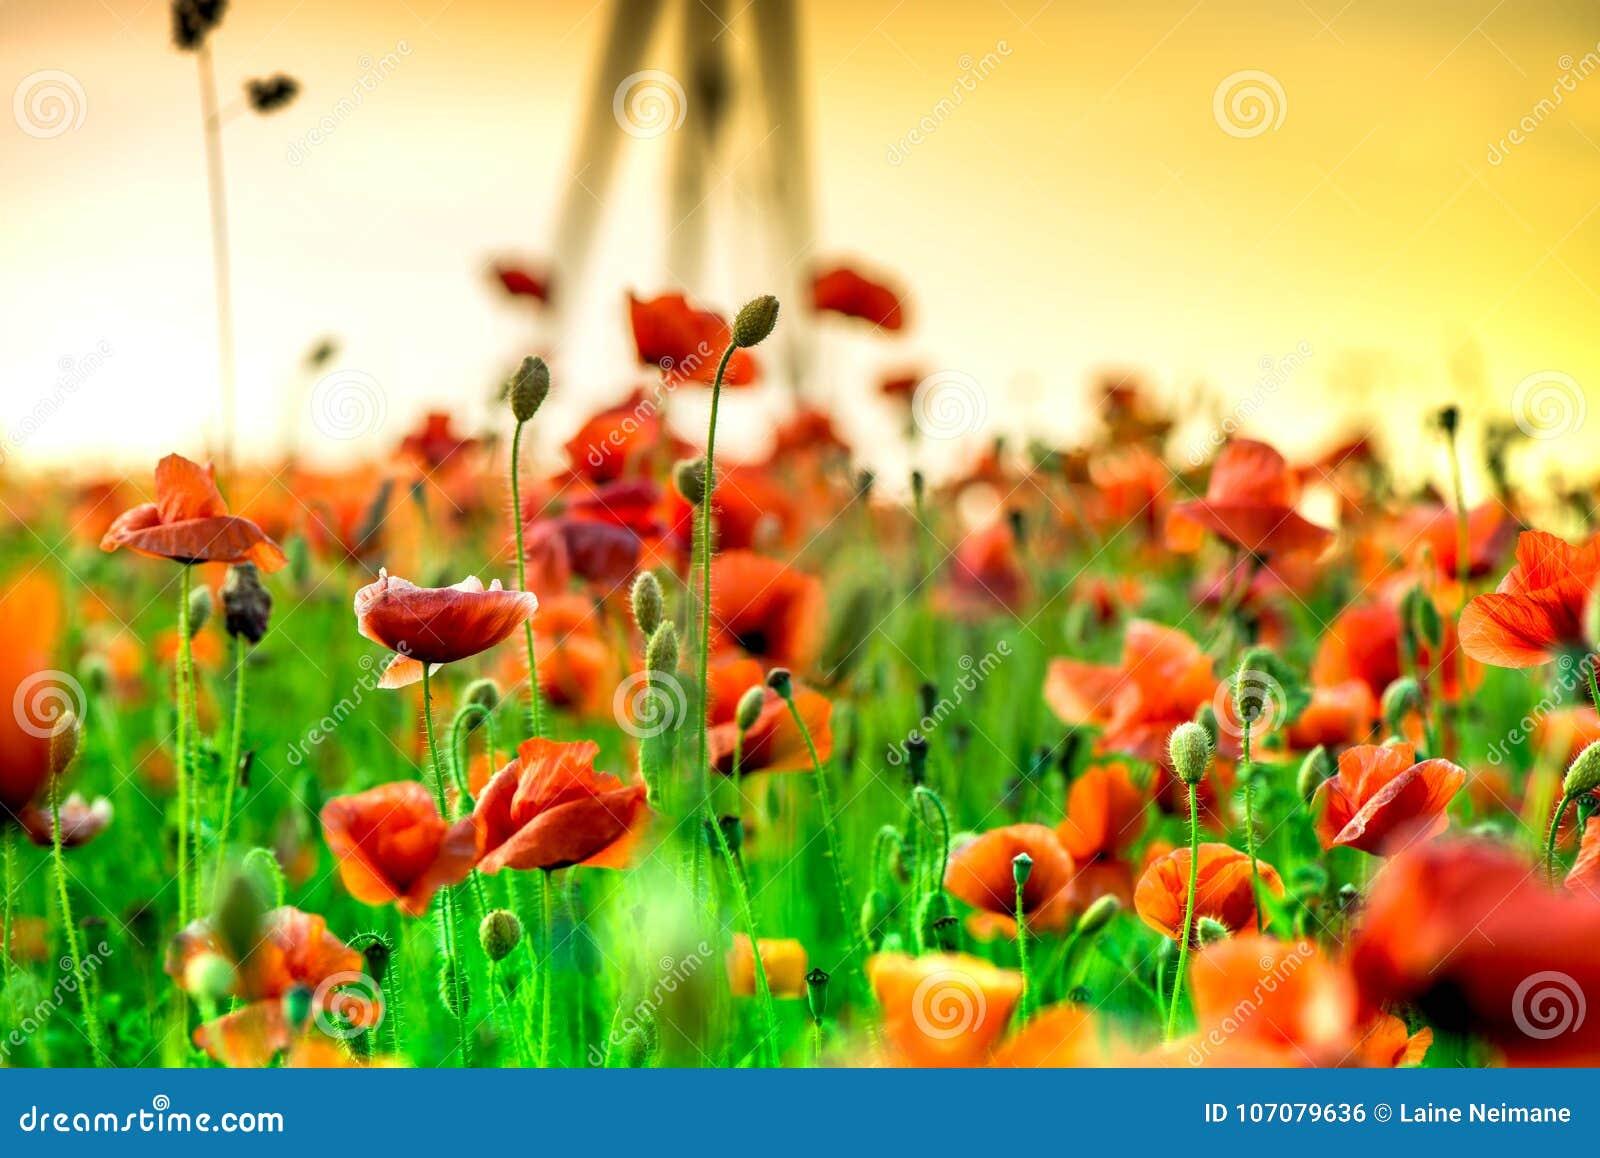 Makroskottet av en röd vallmoblom i ett färgrikt, abstrakt och vibrerande blomningfält, en äng av blommande sommar blommar mycket